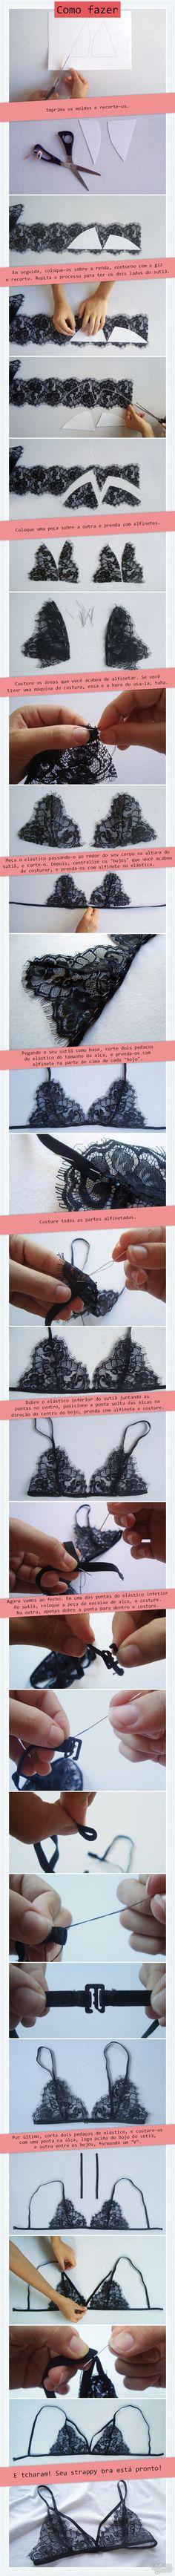 http://dingox.com DIY Strappy Bra   Lace bra   http://cademeuchapeu.com